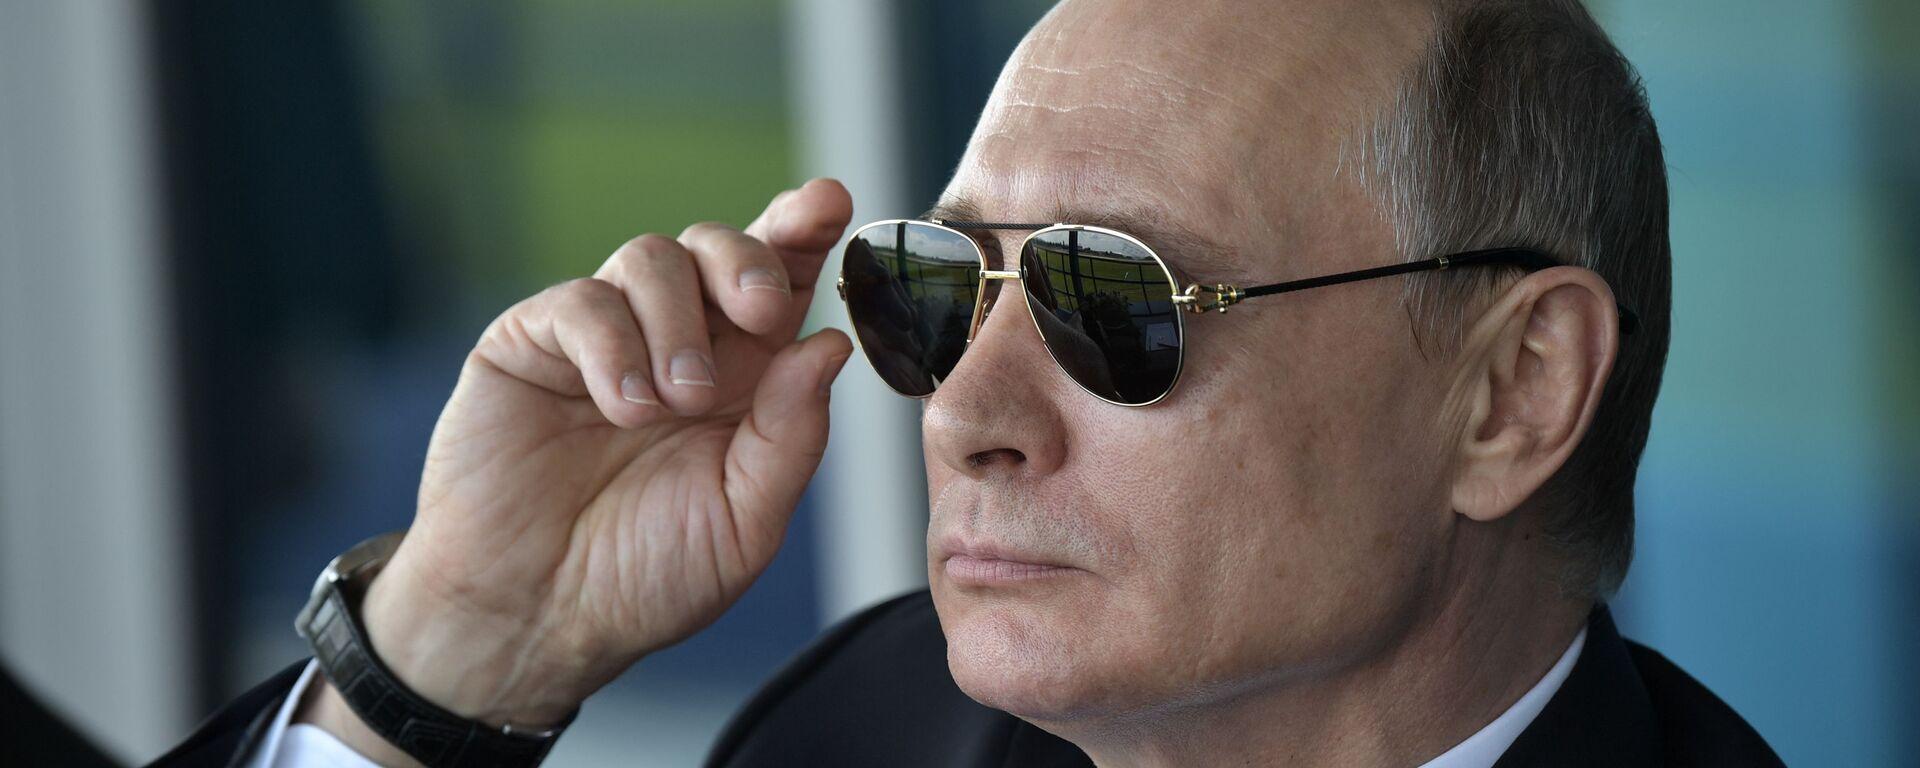 Президент России Владимир Путин наблюдает за демонстрационными полетами пилотажных групп во время посещения XIII Международного авиационно-космического салона МАКС-2017 в подмосковном Жуковском - Sputnik Таджикистан, 1920, 08.06.2021